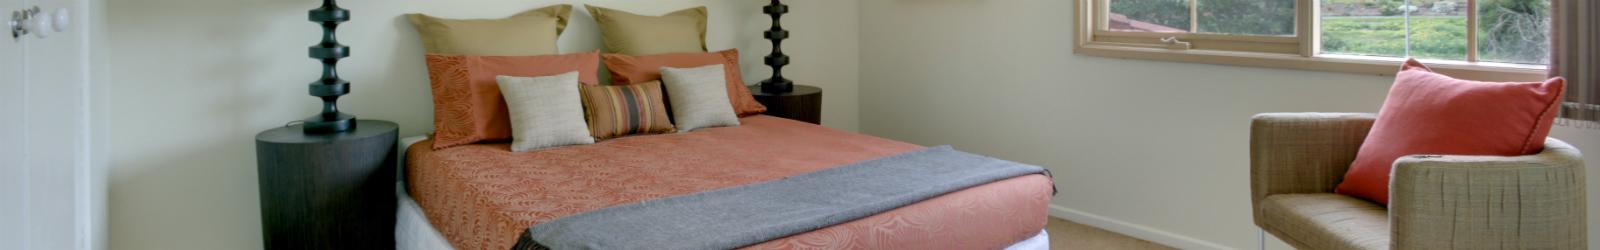 dormitorio vivafeliz